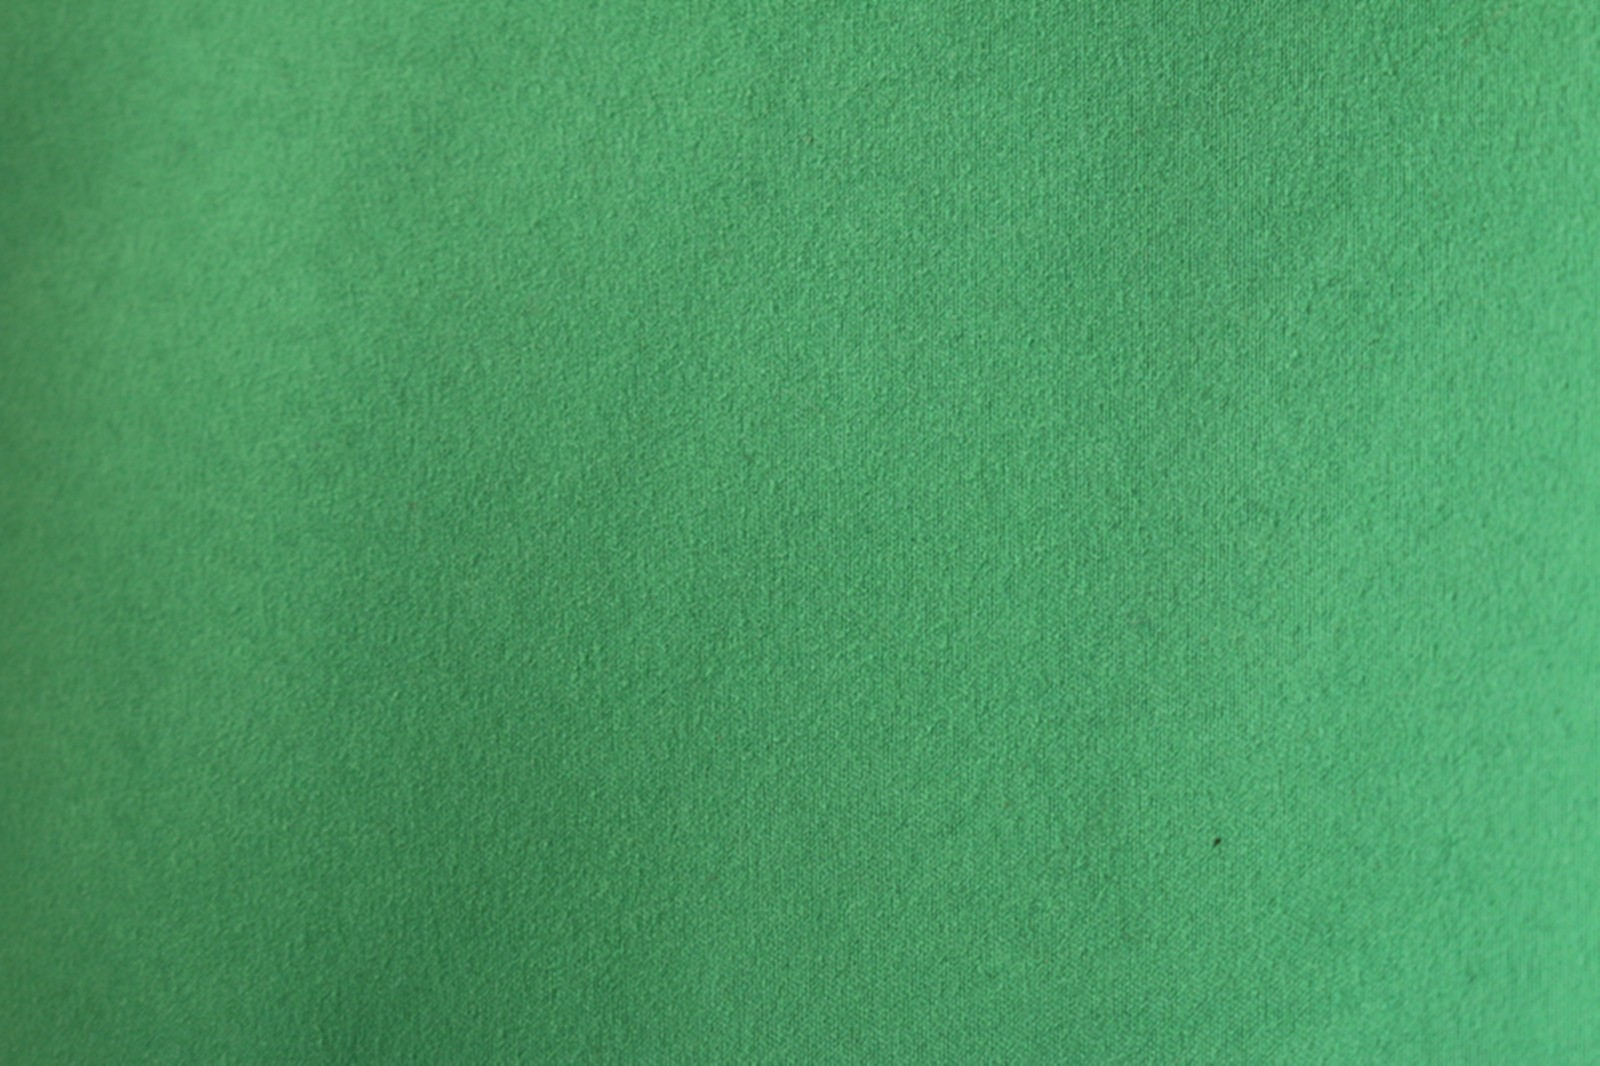 新款涤纶斜纹桃皮绒 儿童抱枕口袋面料 环保染色图片七